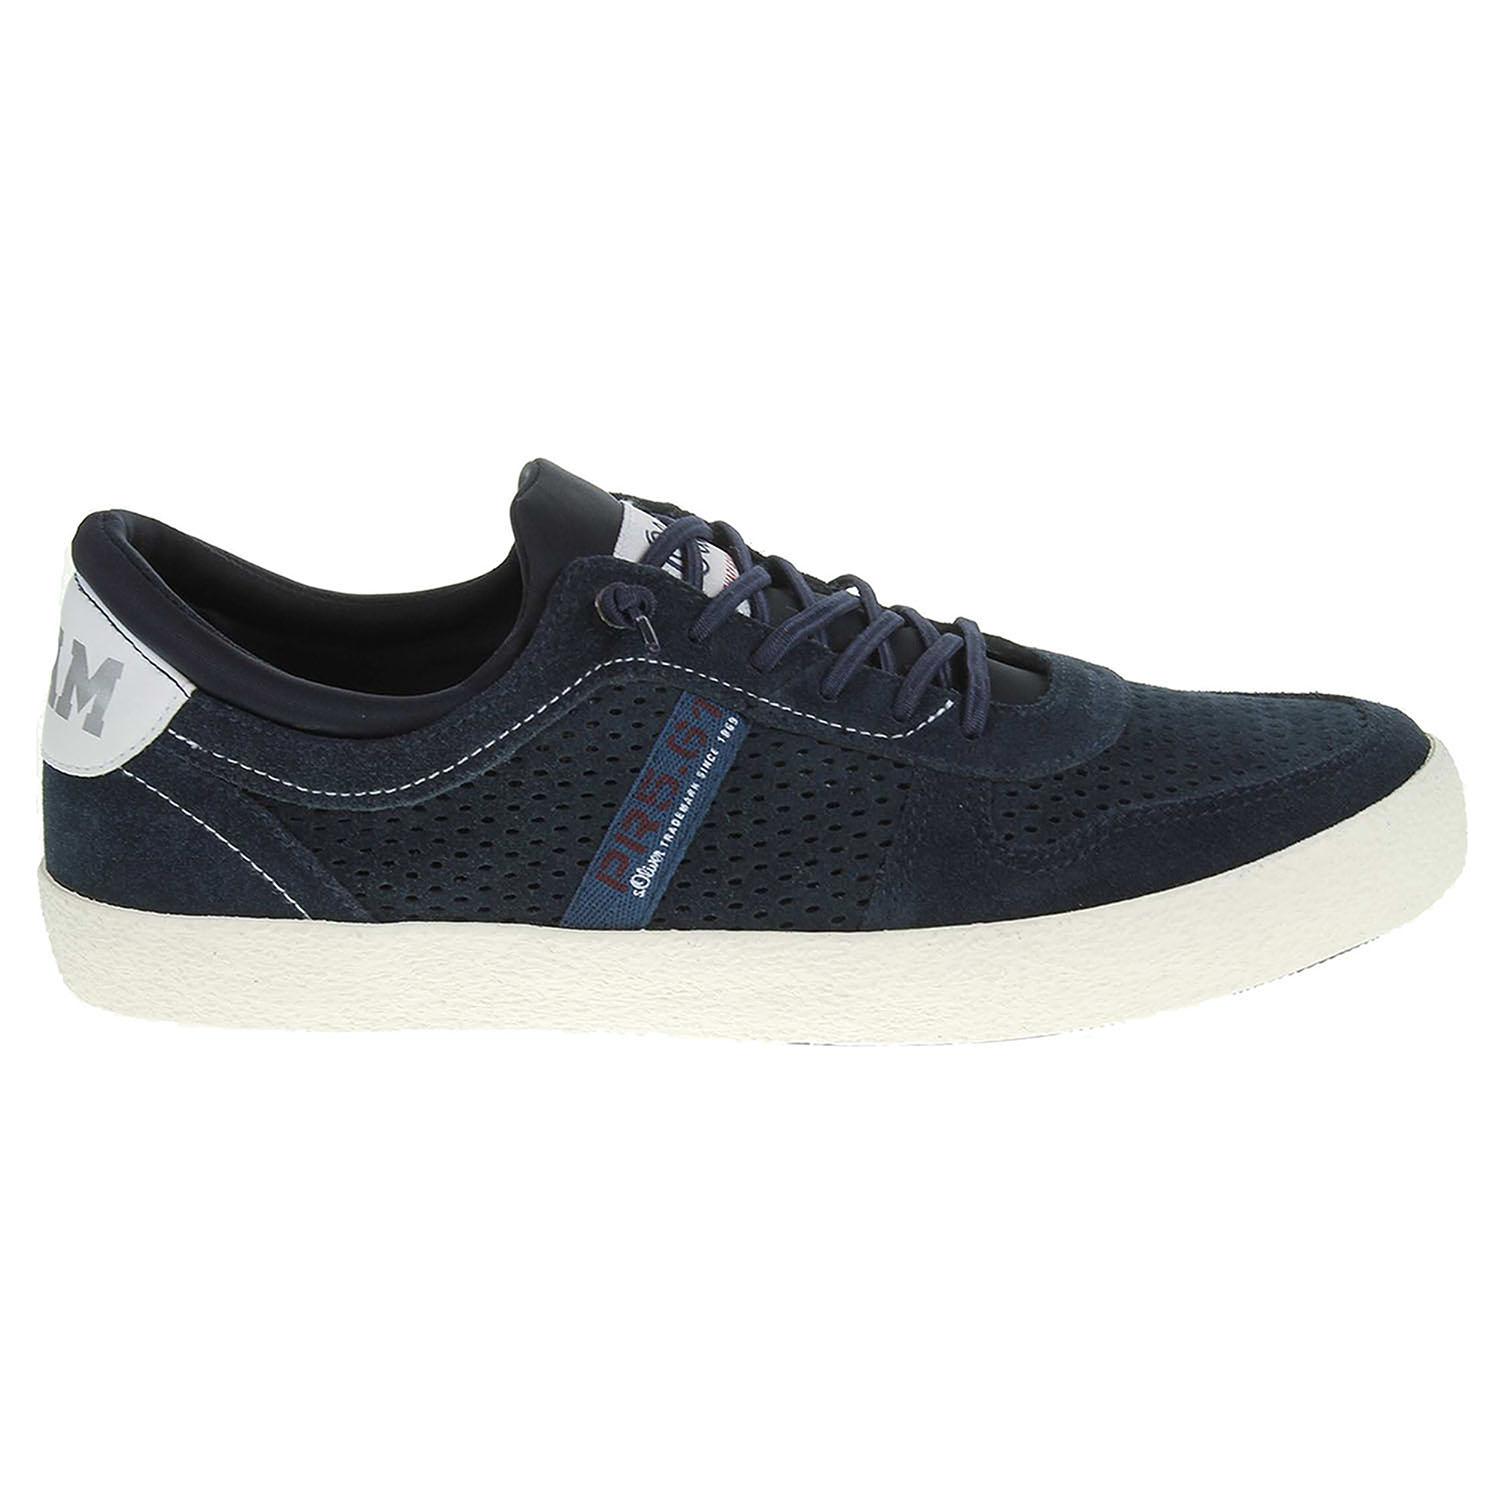 Ecco s.Oliver pánská obuv 5-13640-38 modrá 24000426